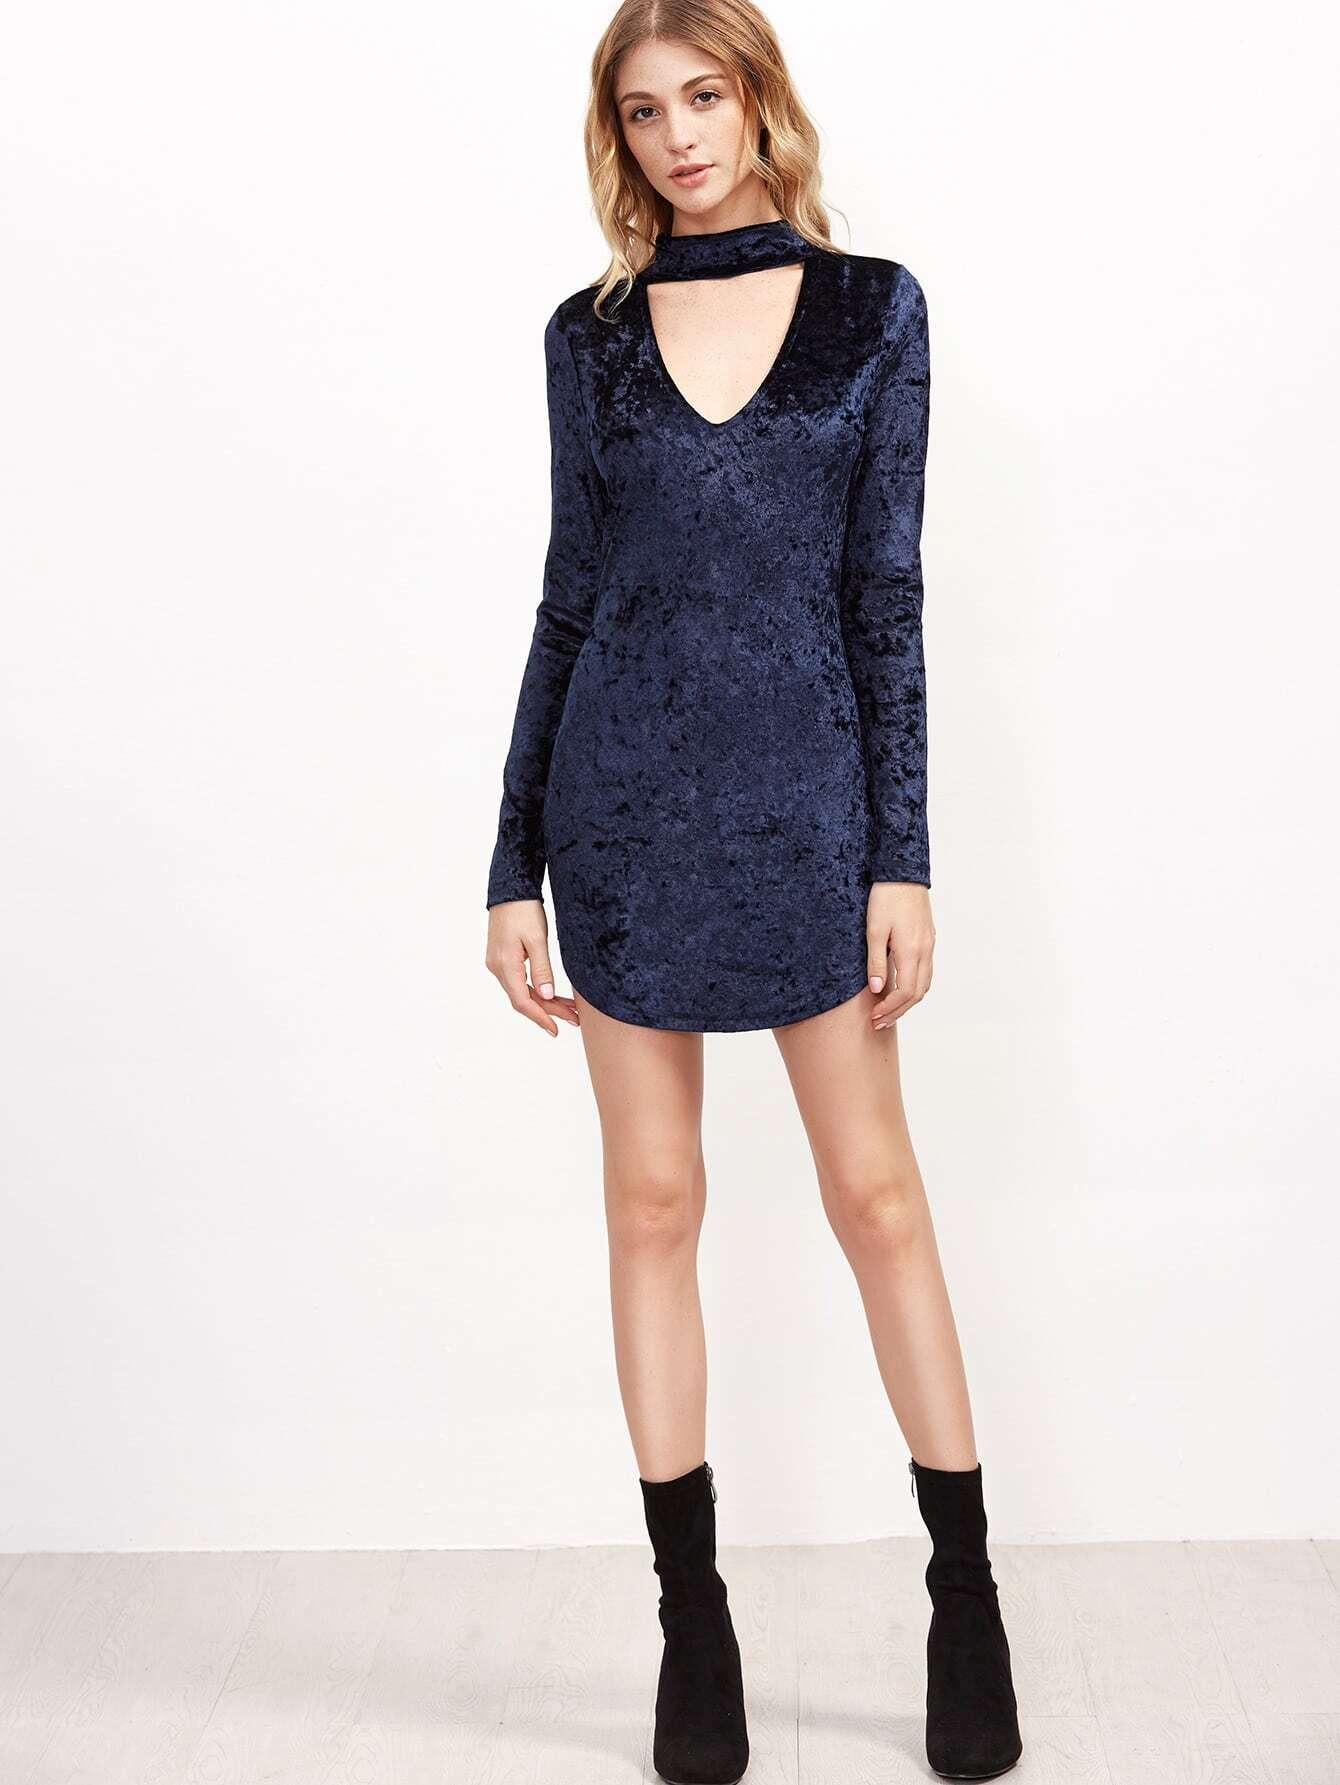 dress161018710_2